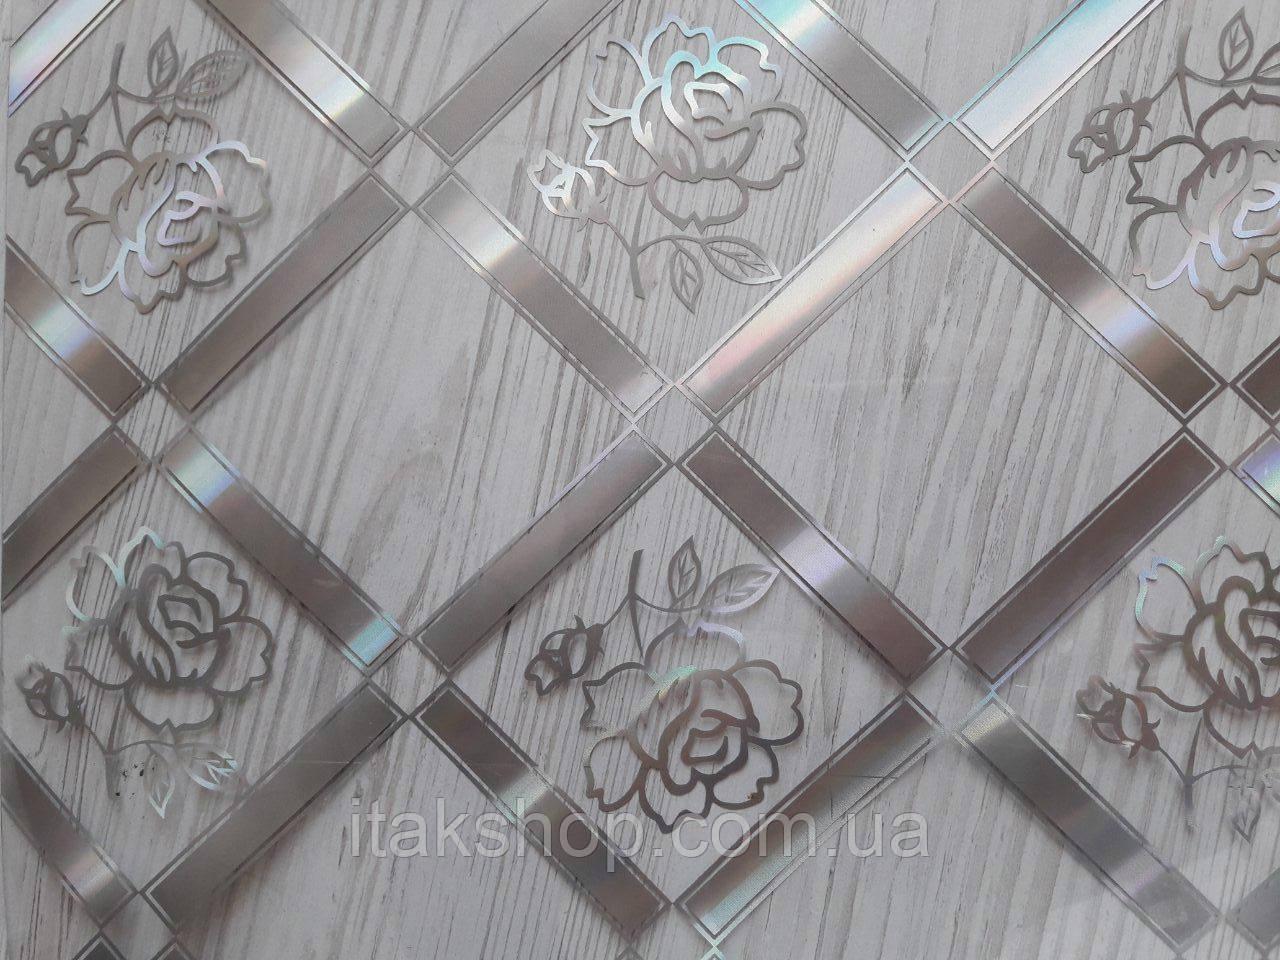 М'яке скло Скатертину з лазерним малюнком Soft Glass 2.1х0.8м товщина 1.5 мм Срібляста троянда в квадраті